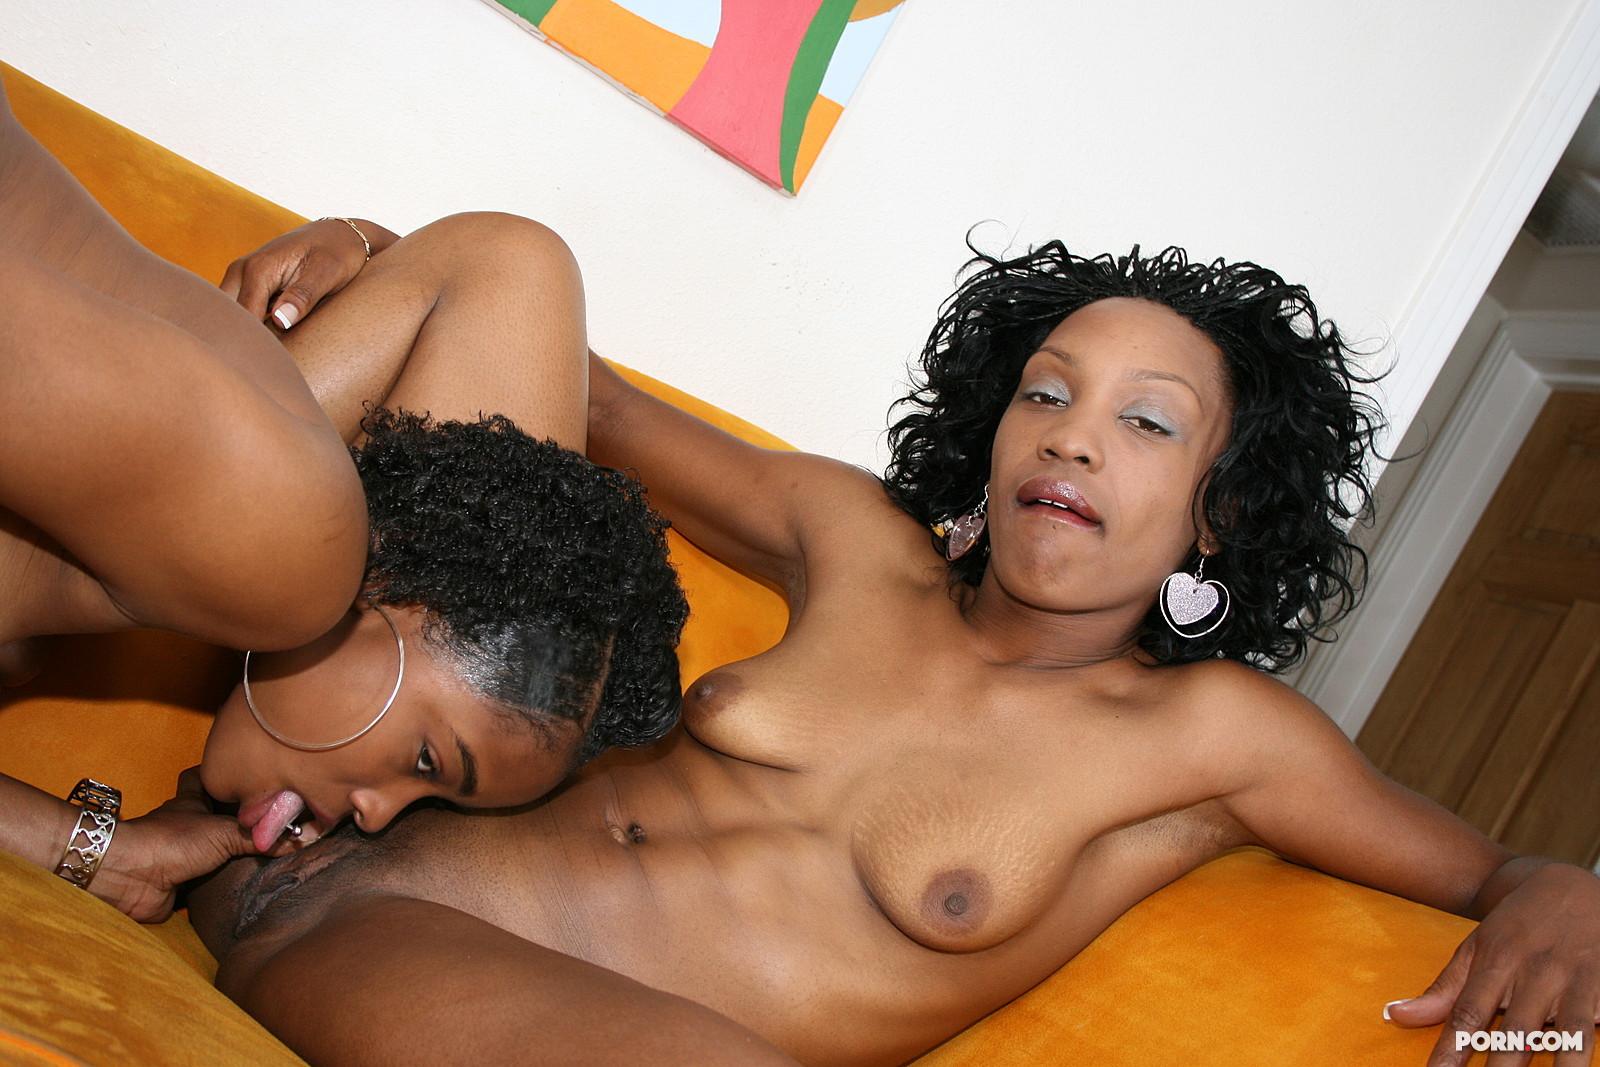 Старые африканки порно фото, Голые негритянки на фото - эротика обнаженных 25 фотография